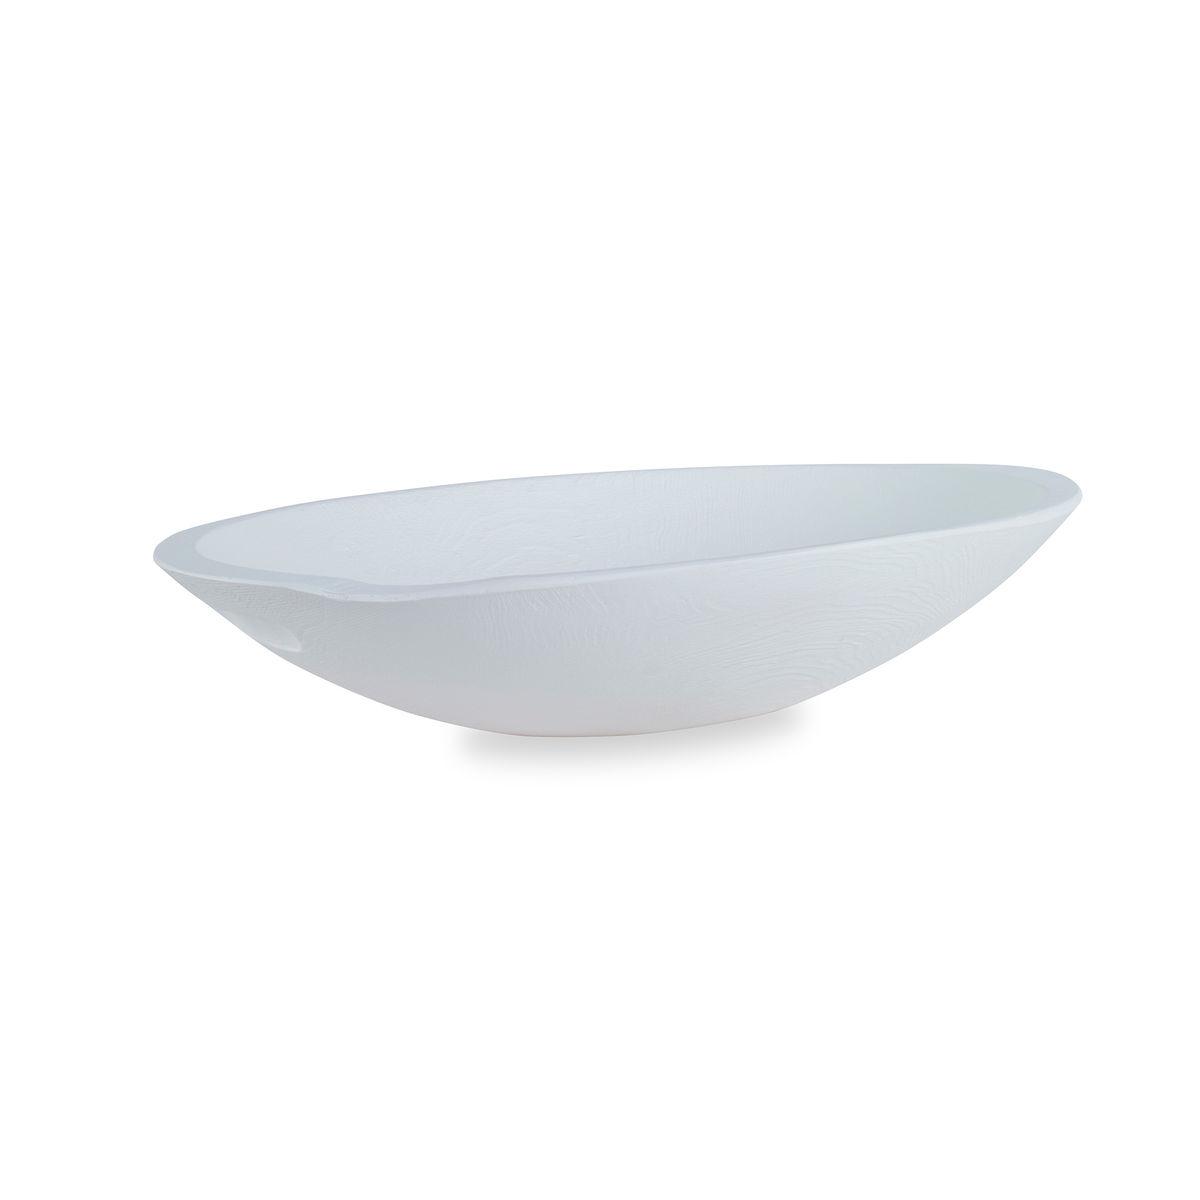 Levain Dough Bowl, White